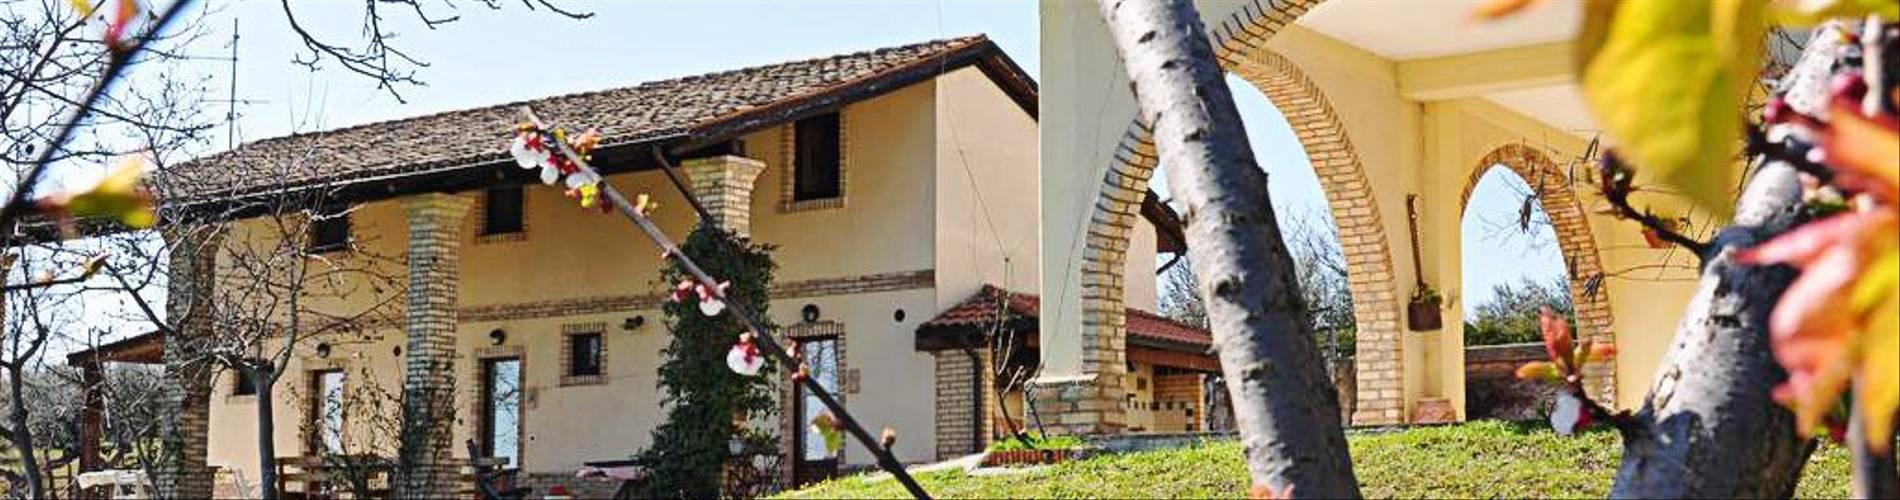 Il Grappolo, Abruzzo, Italy (3).jpg